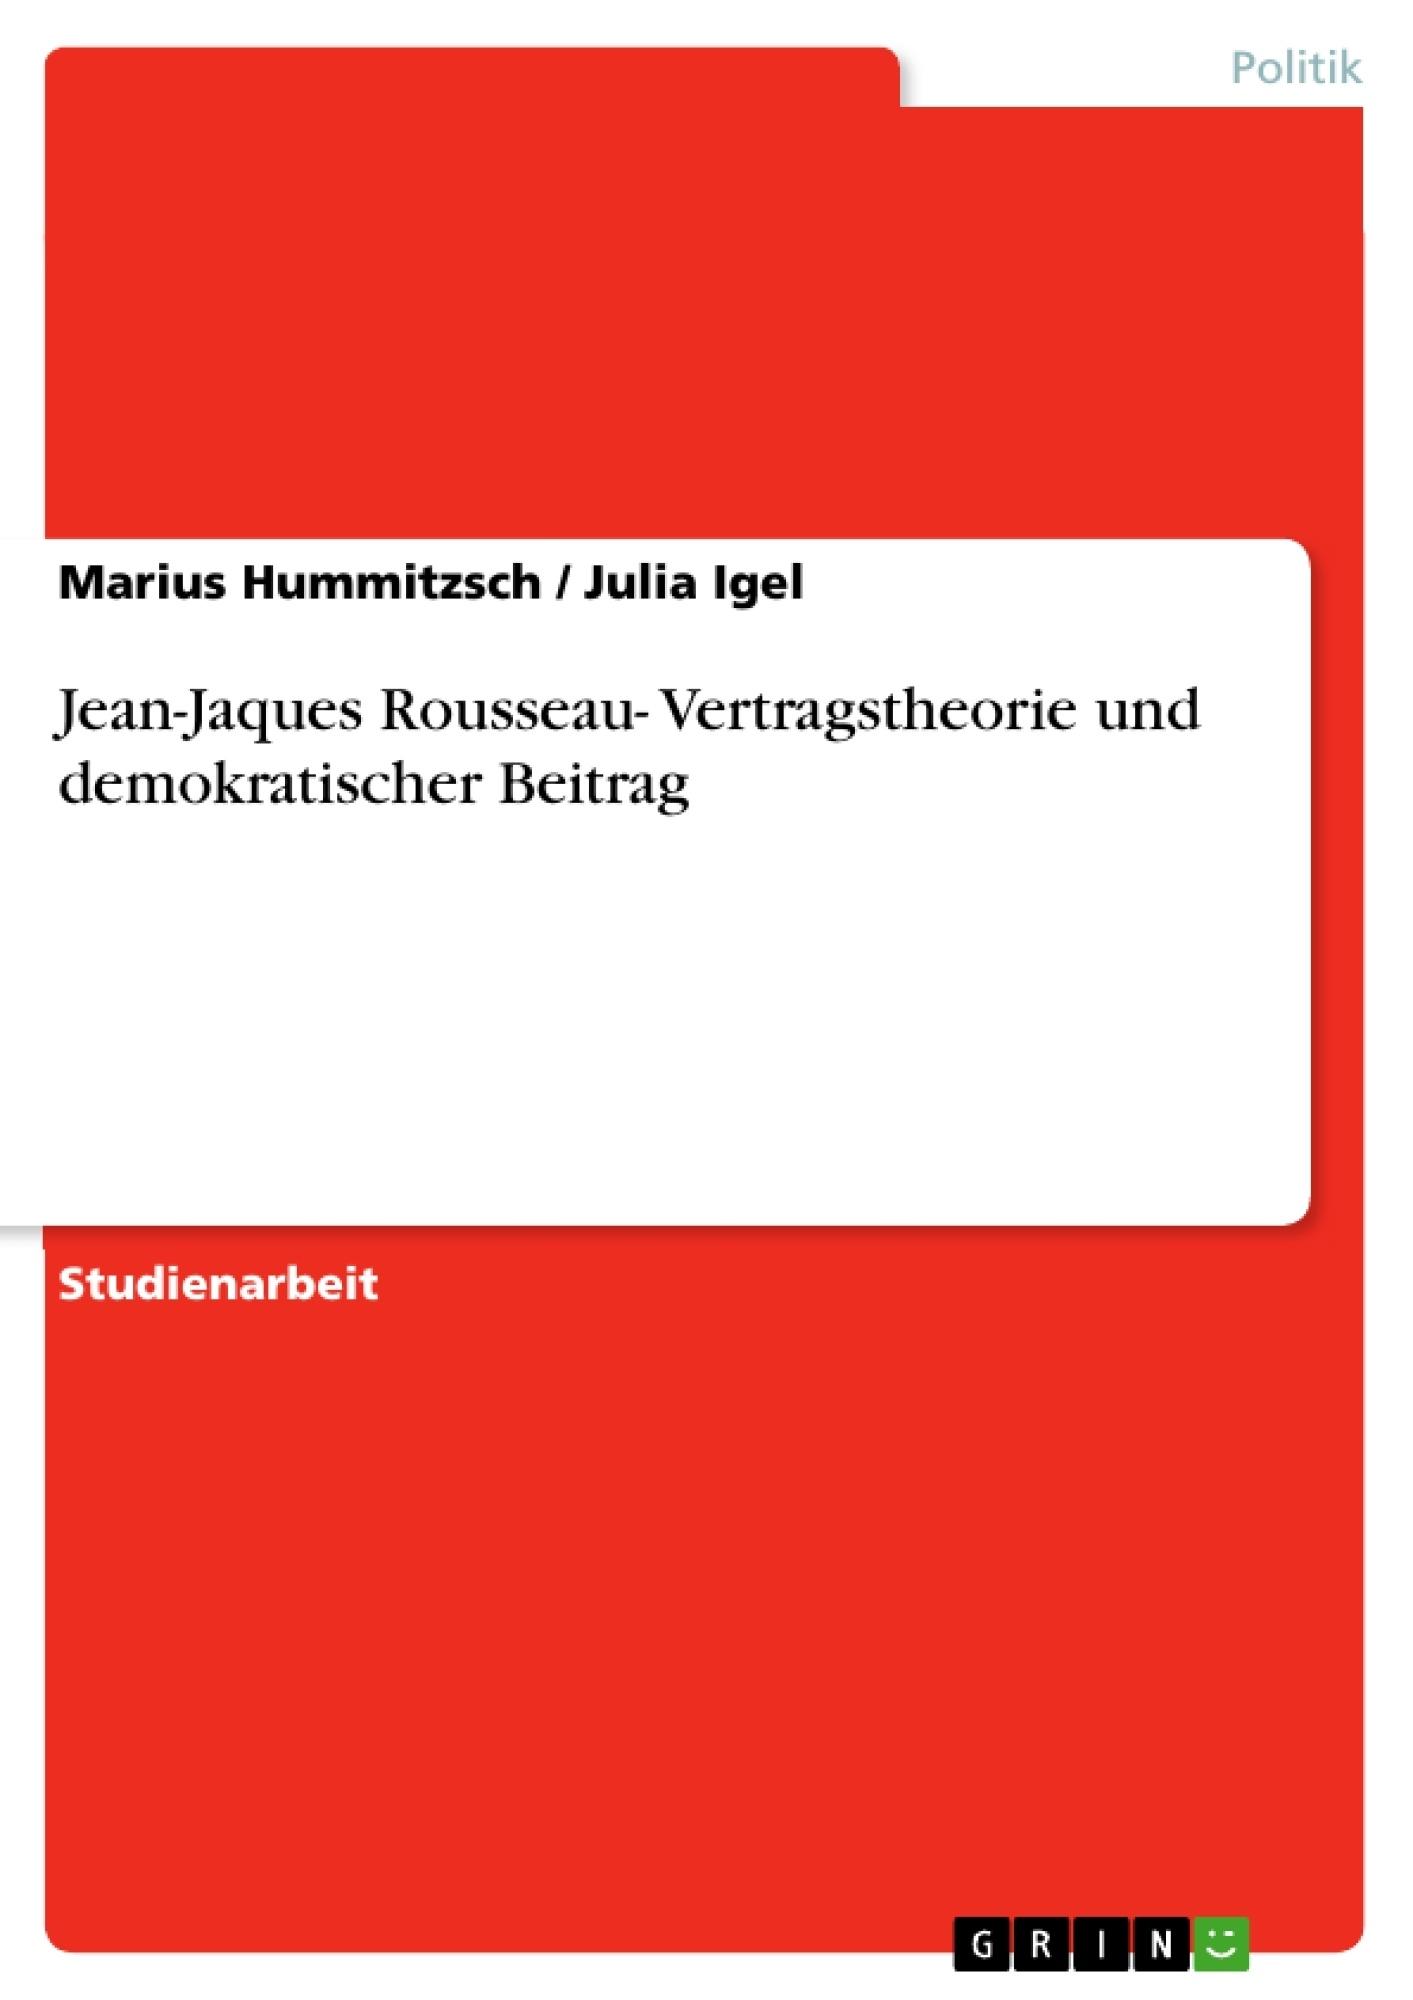 Titel: Jean-Jaques Rousseau- Vertragstheorie und demokratischer Beitrag